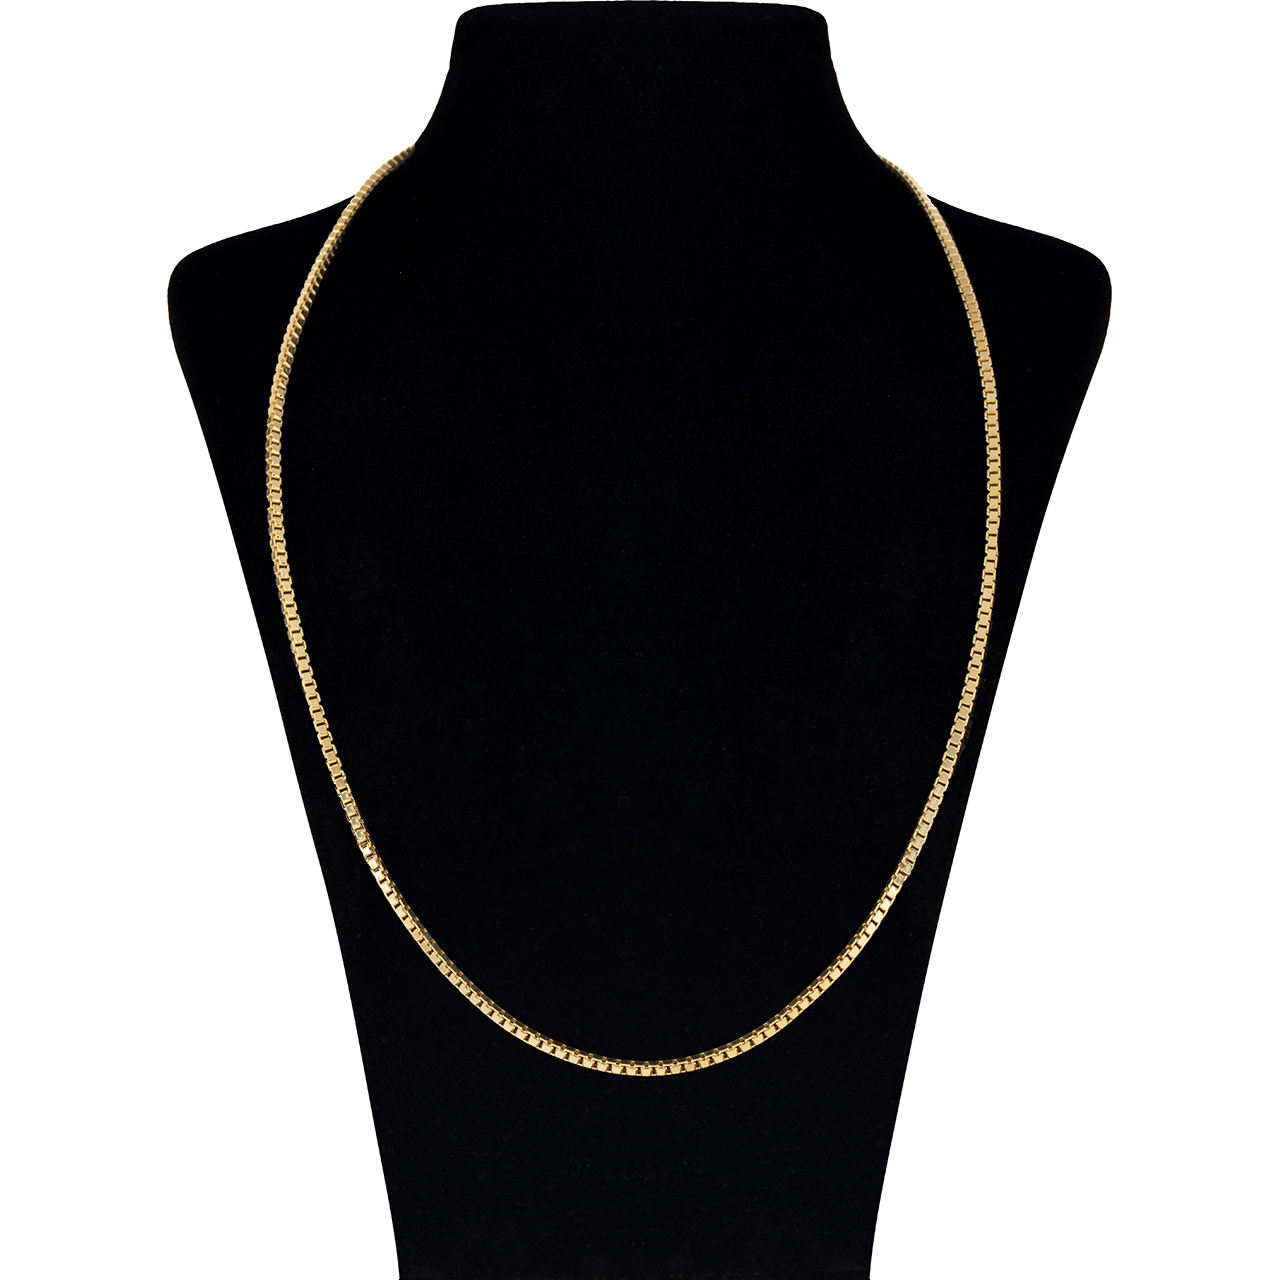 زنجیر طلا 18 عیار گوی گالری مدل G72 -  - 2